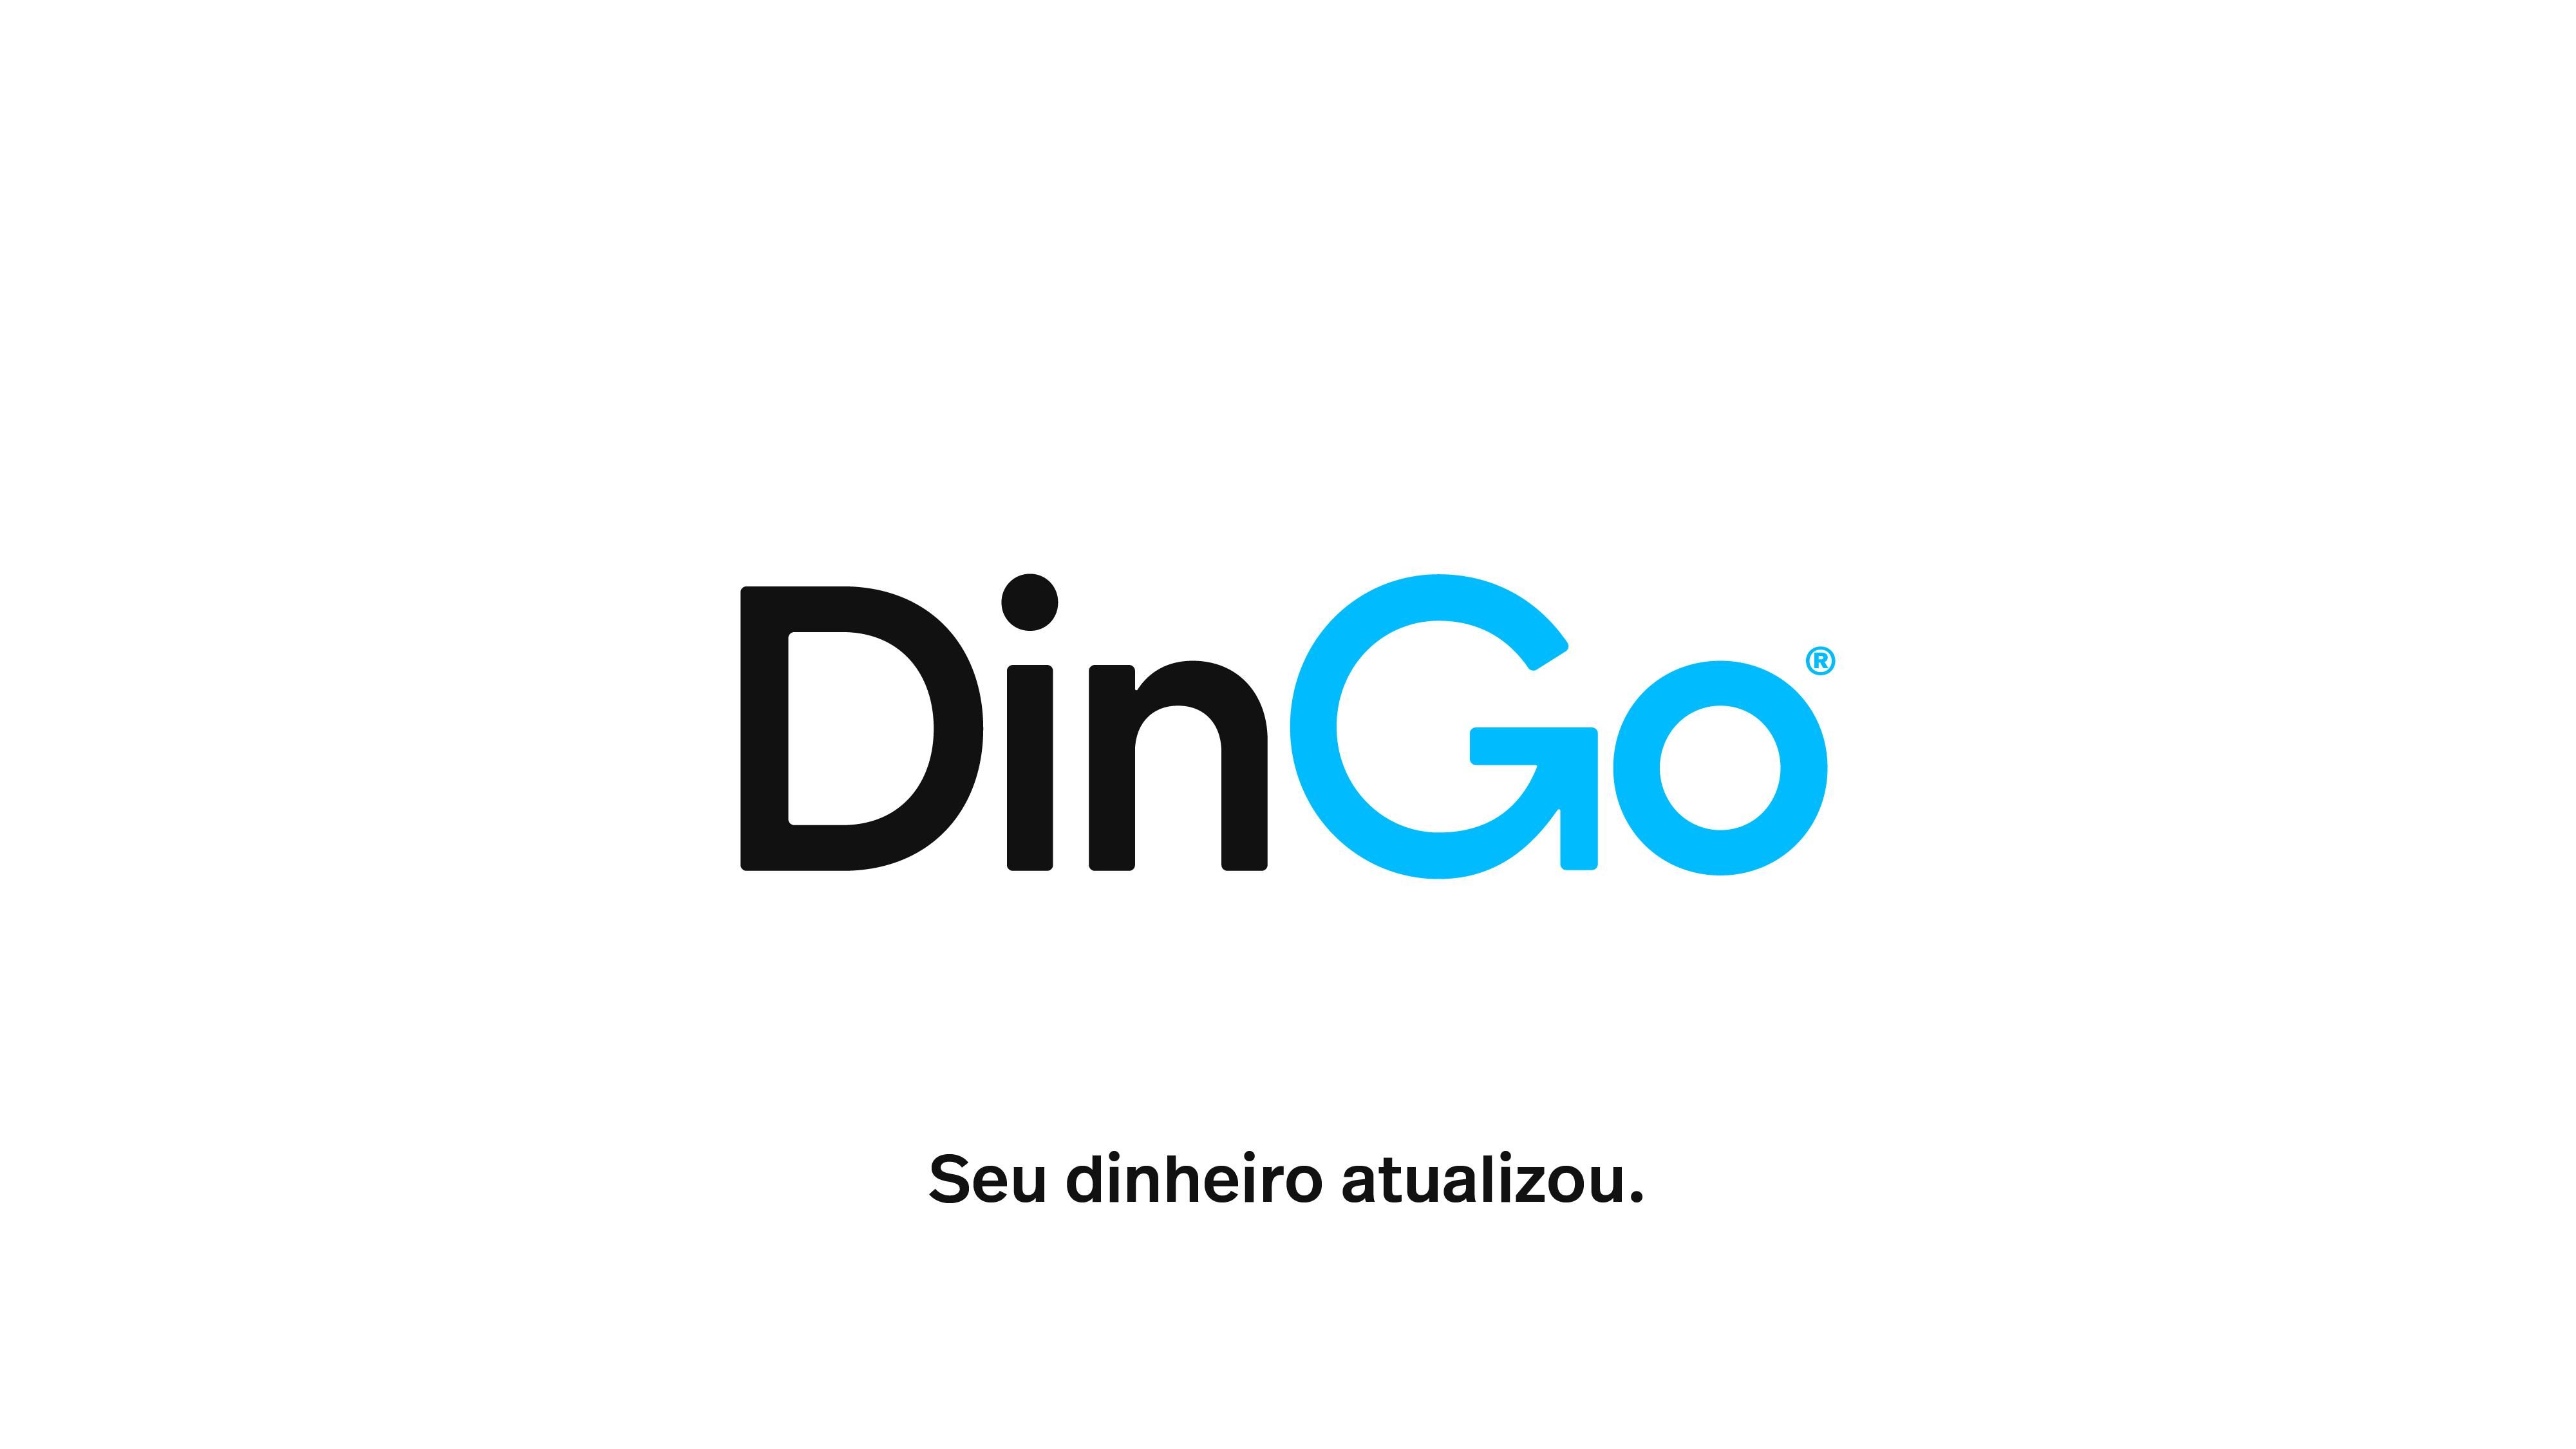 dingo2-12